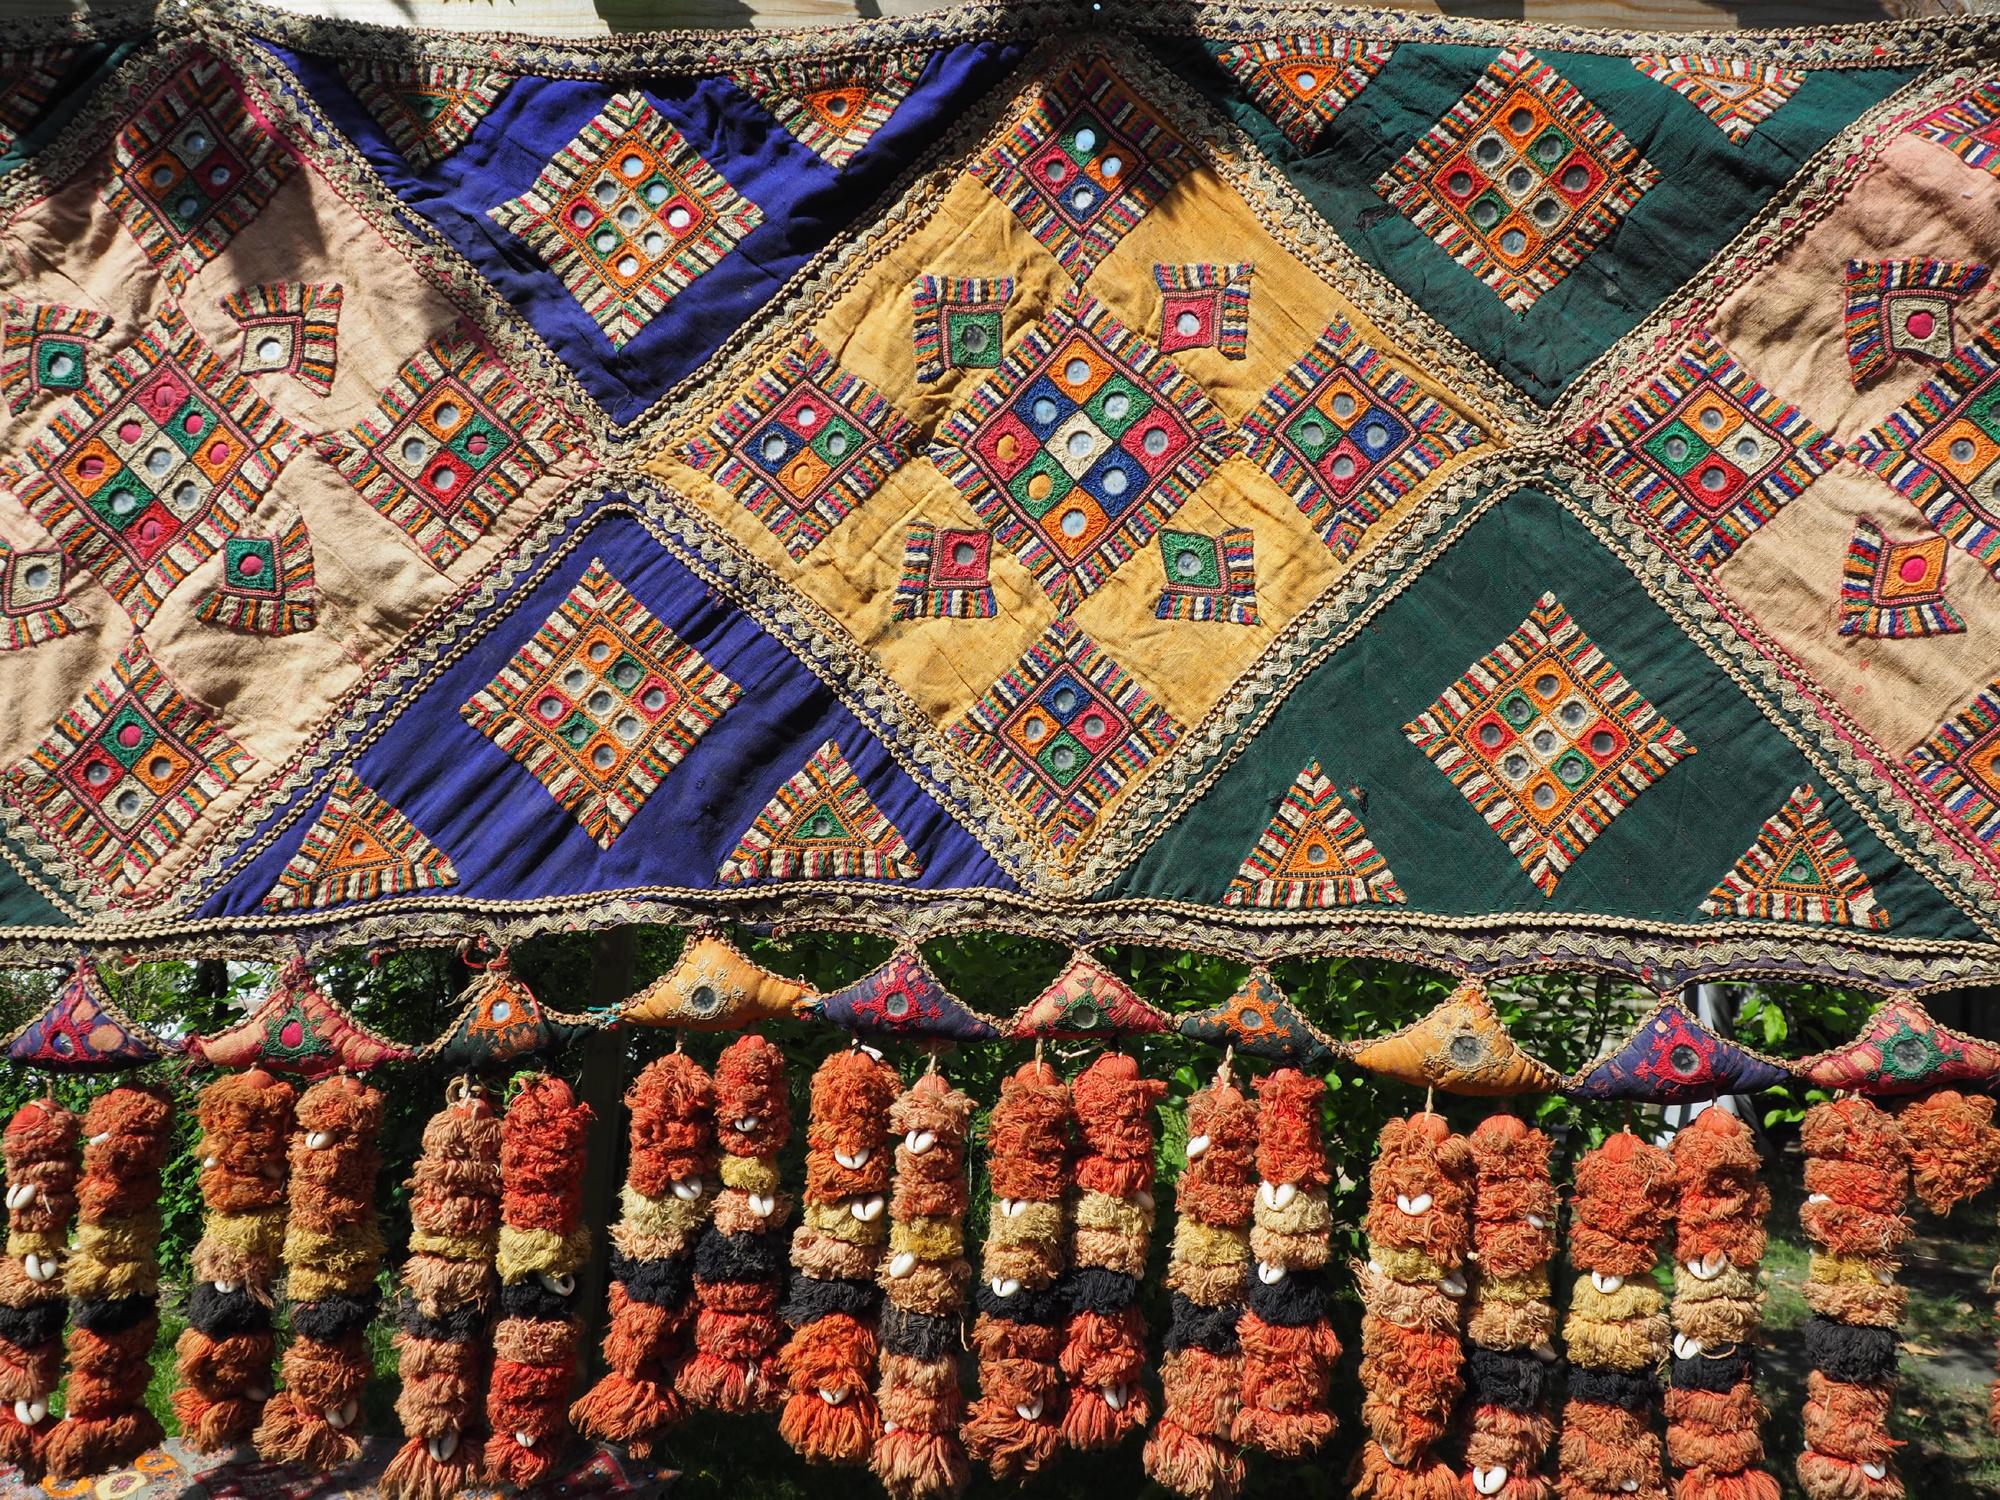 385x70 cm antike handbestickte indische mitgift hochzeit Zierband indien bestickte Toran-Wandbehang Toran No:A